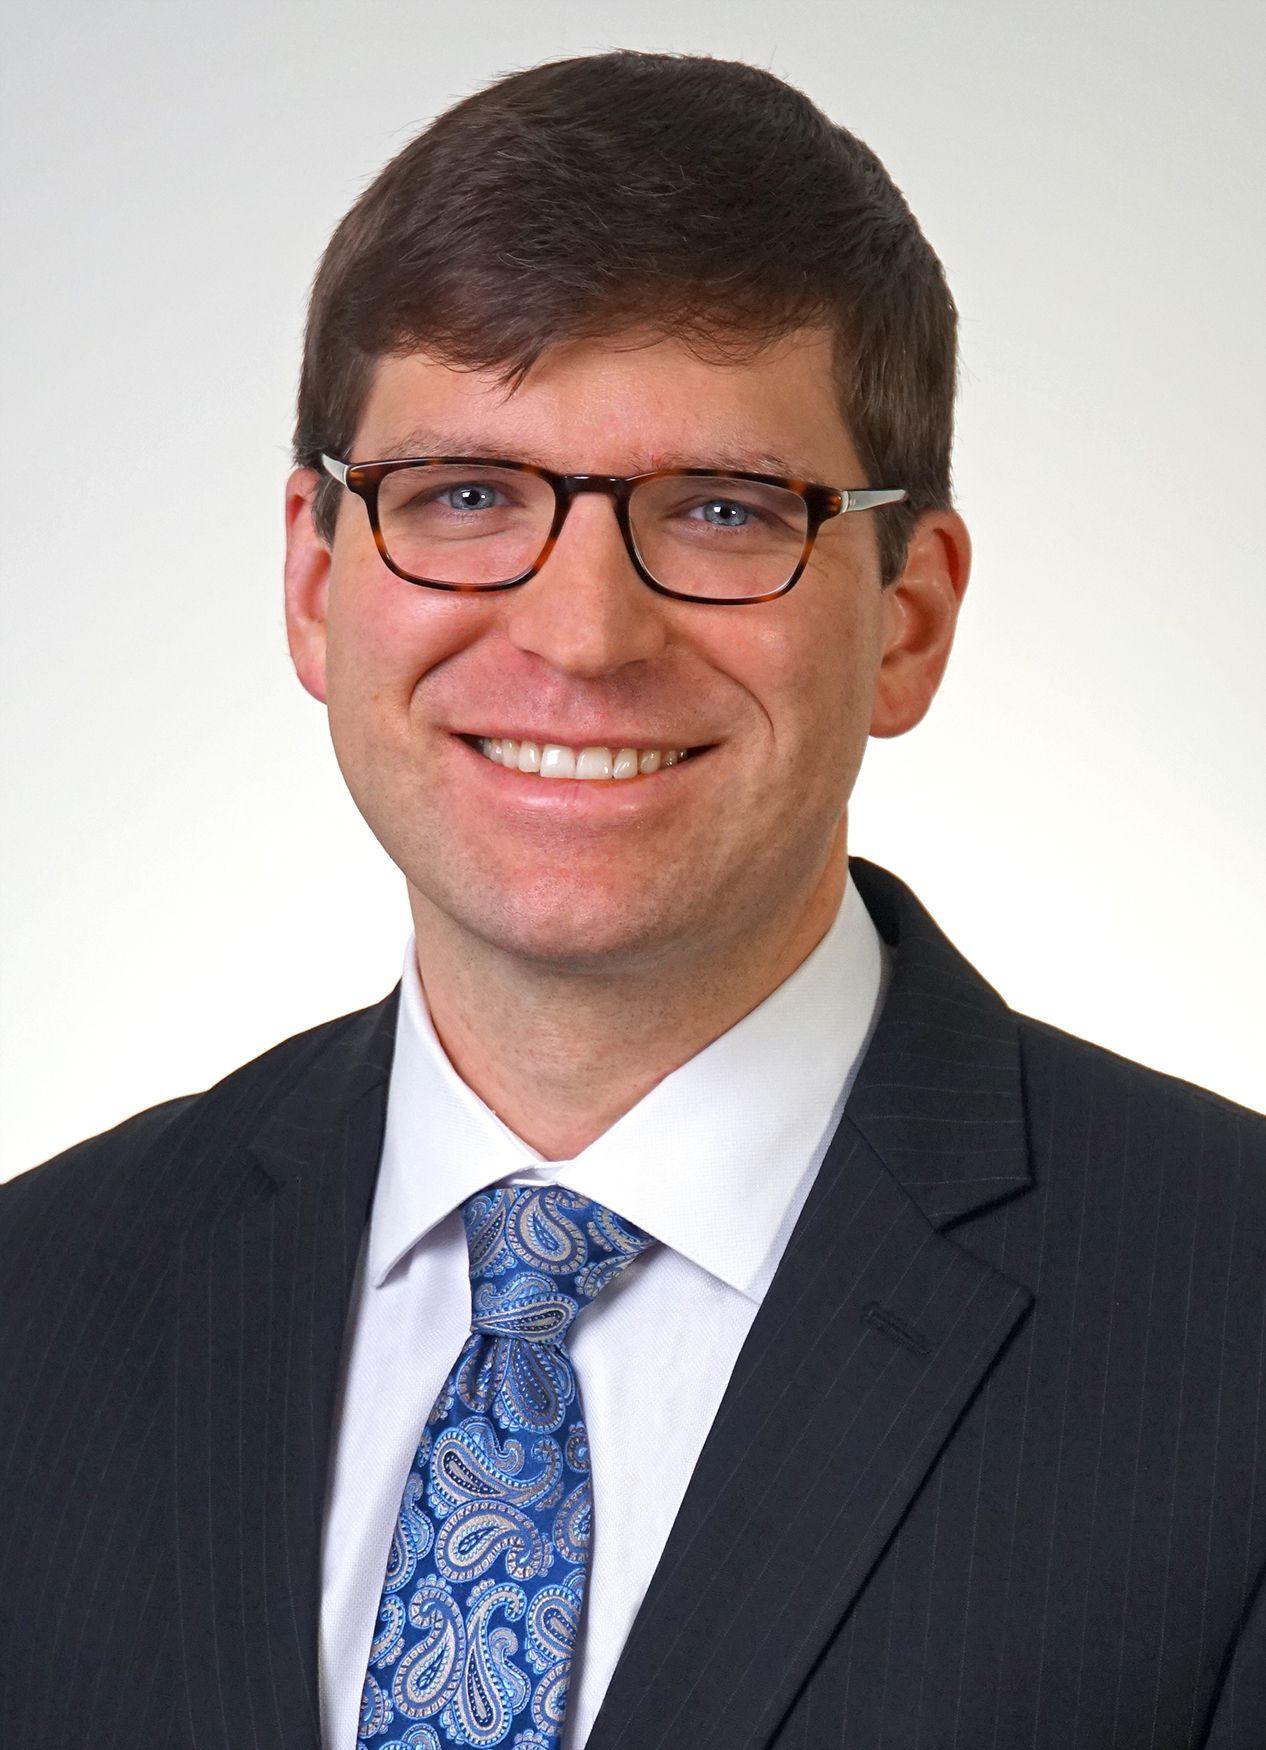 Robert D. Malin